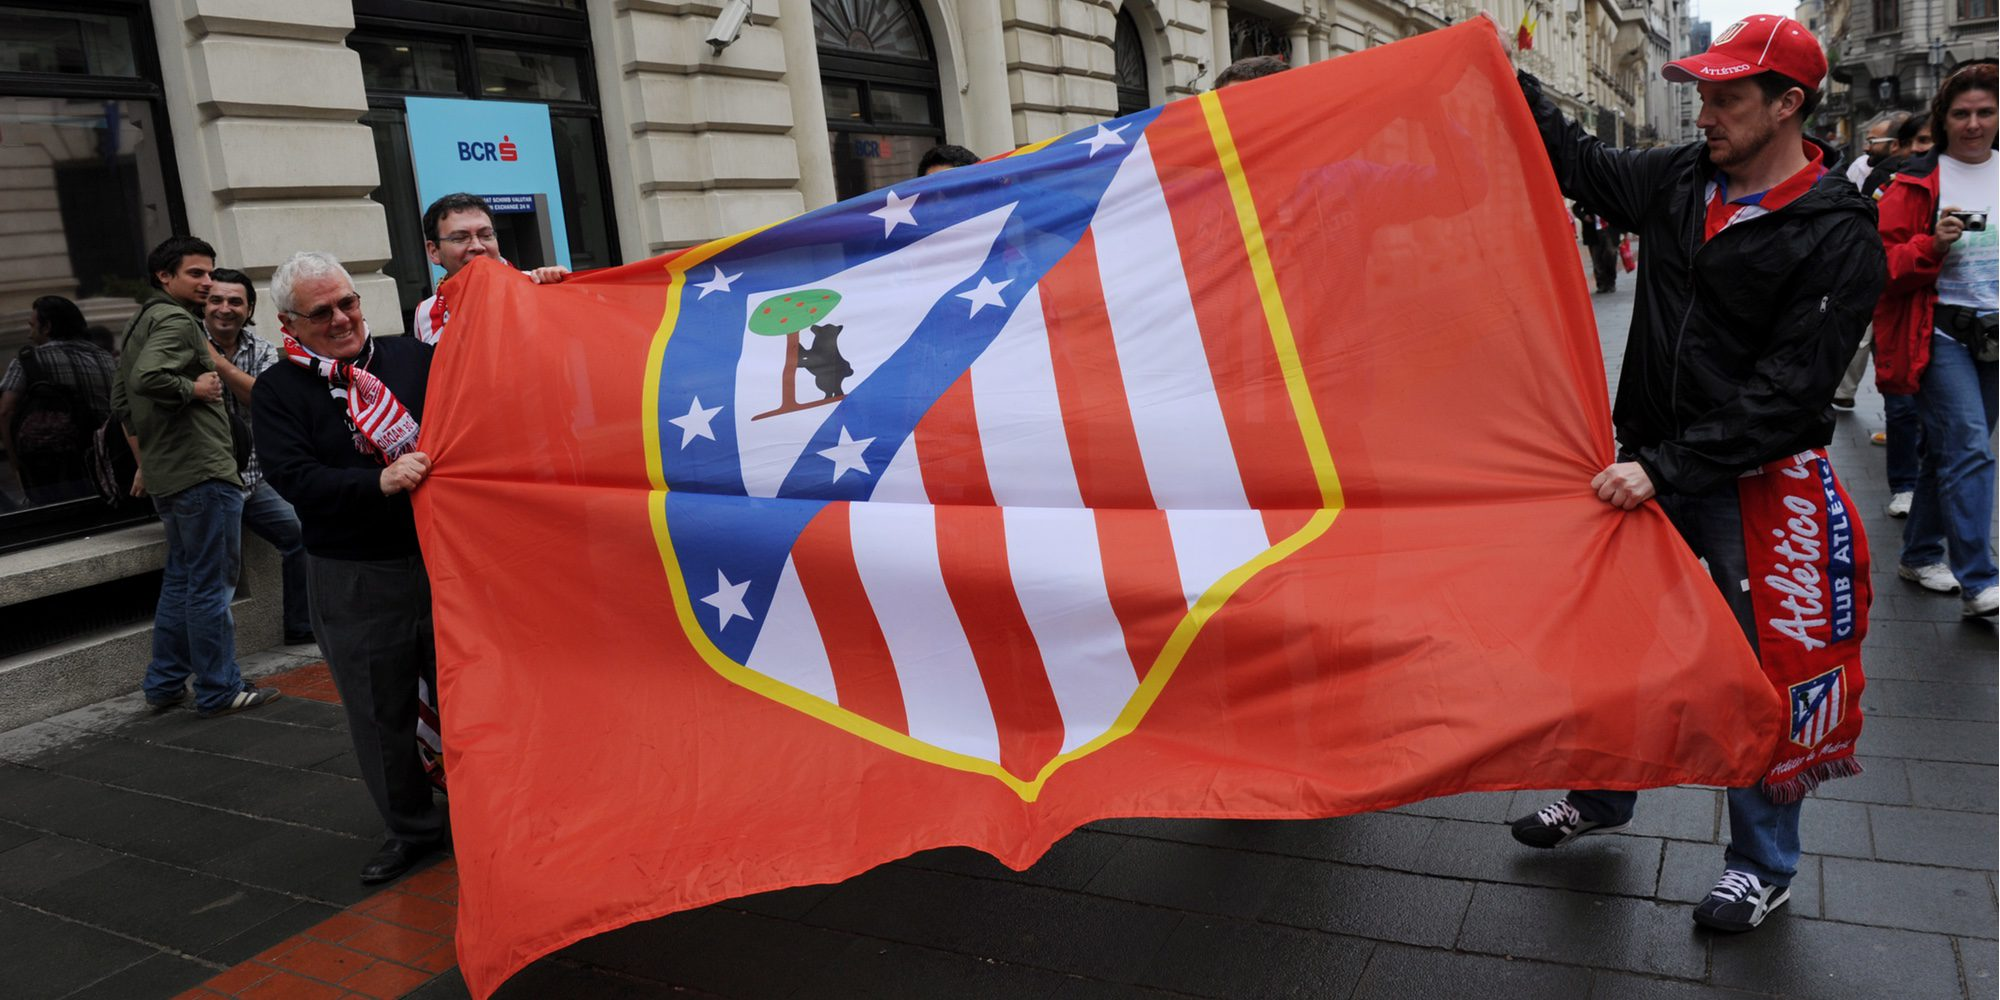 Graban a una futbolista mientras se duchaba en los vestuarios de la Ciudad Deportiva del Atlético de Madrid